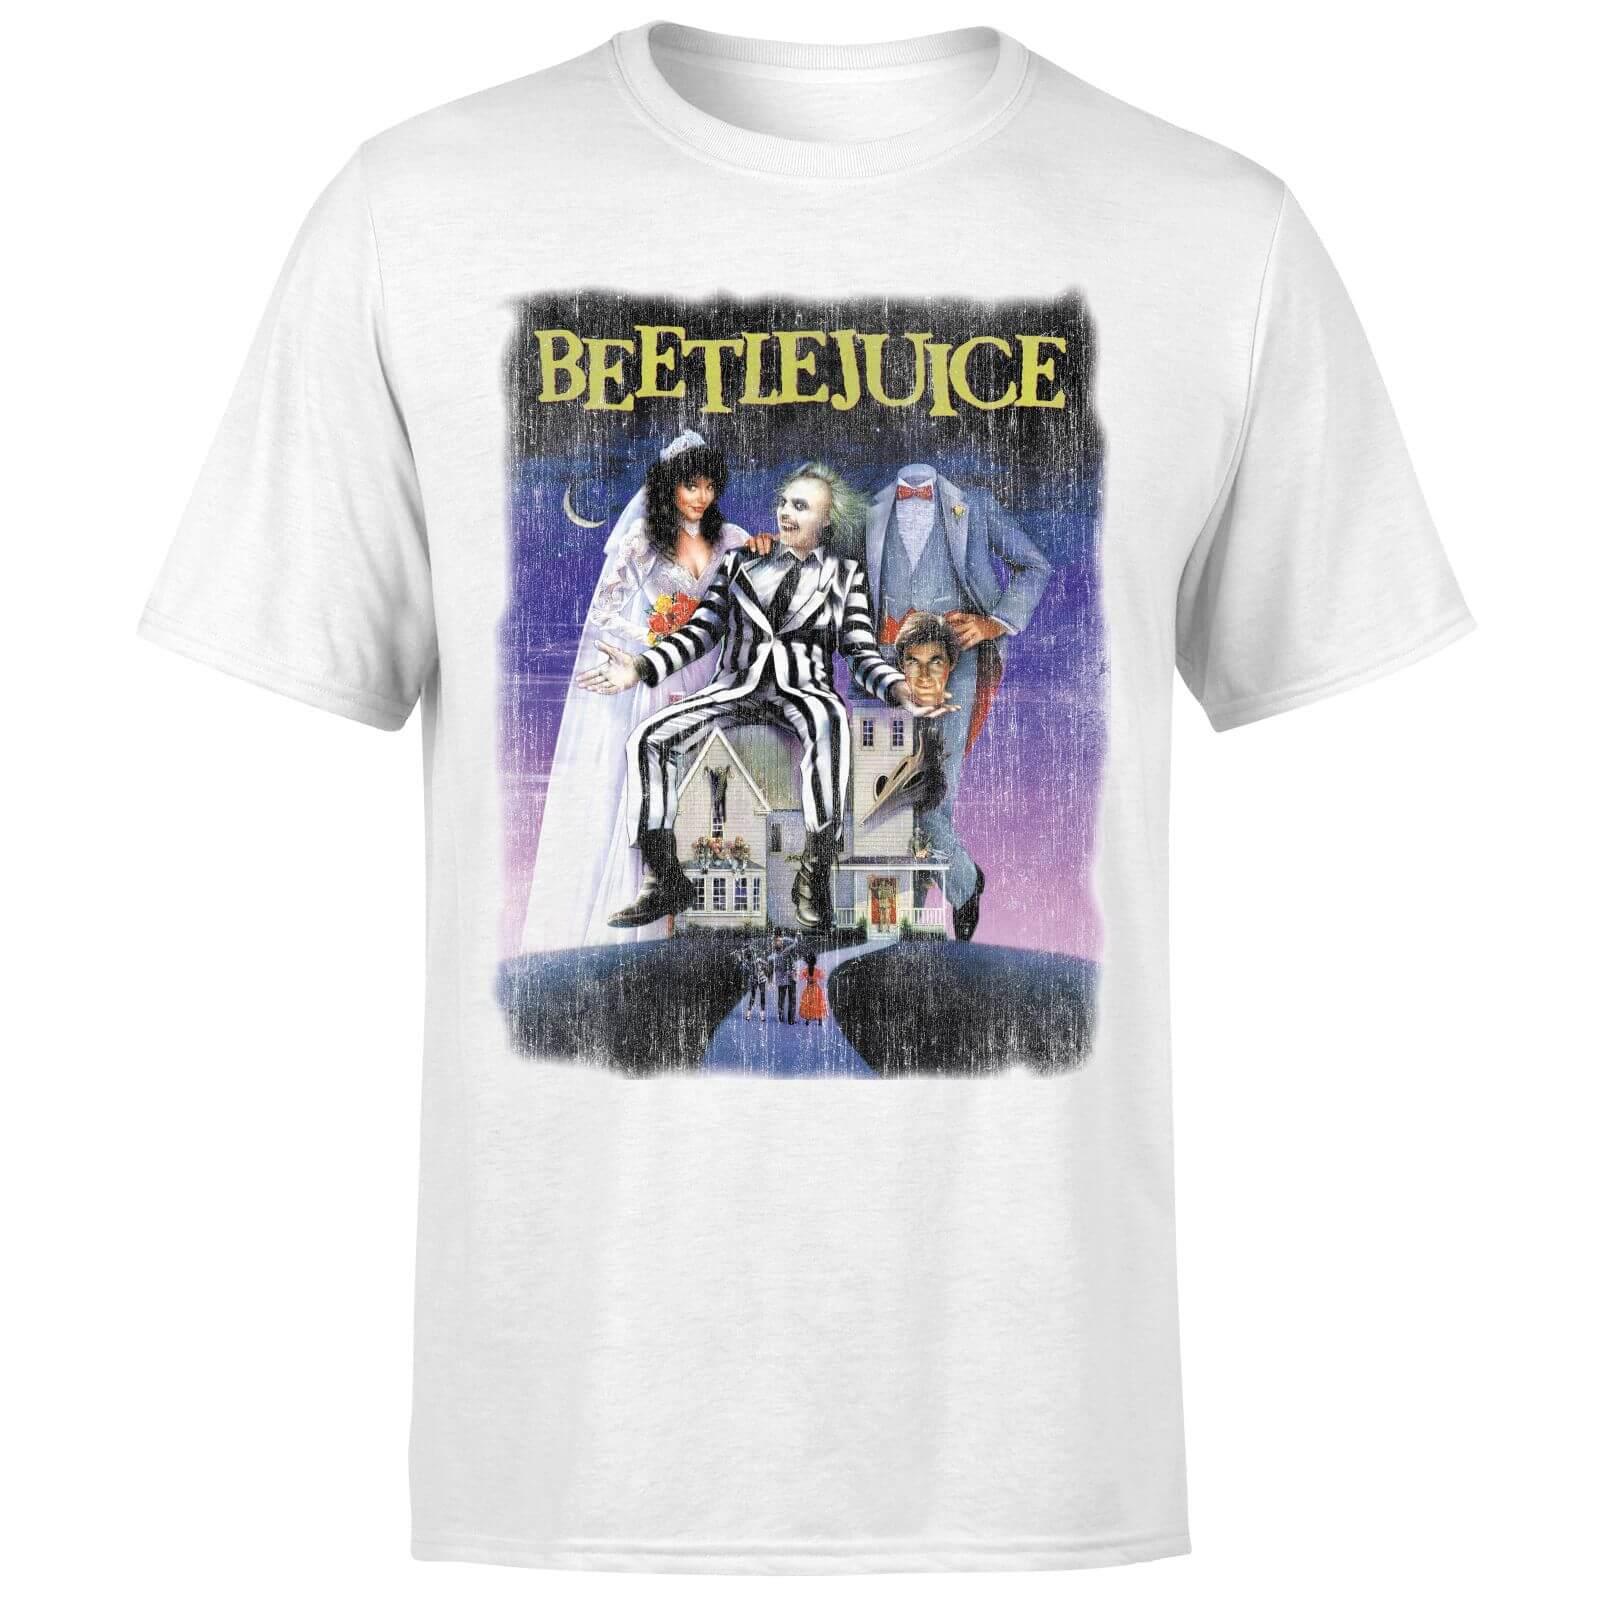 Beetlejuice T-Shirt Homme Affiche Abîmée Beetlejuice - Blanc - M - Blanc